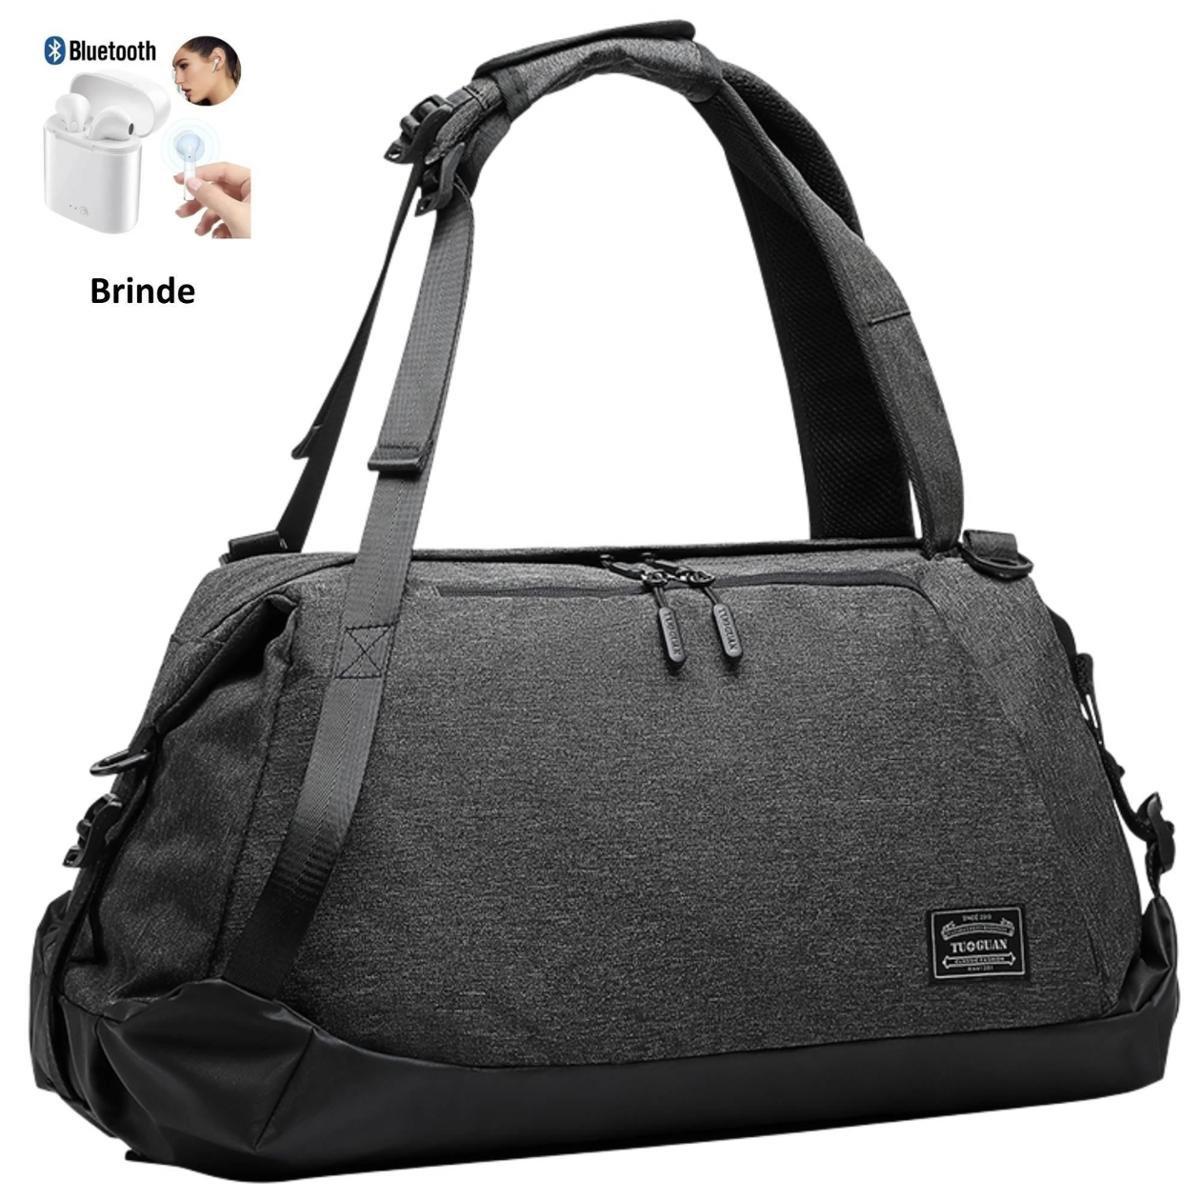 Sacola Mochila Fitness Academia Viagem Fashion Preta + Brinde Fone Bluetooth i12 -